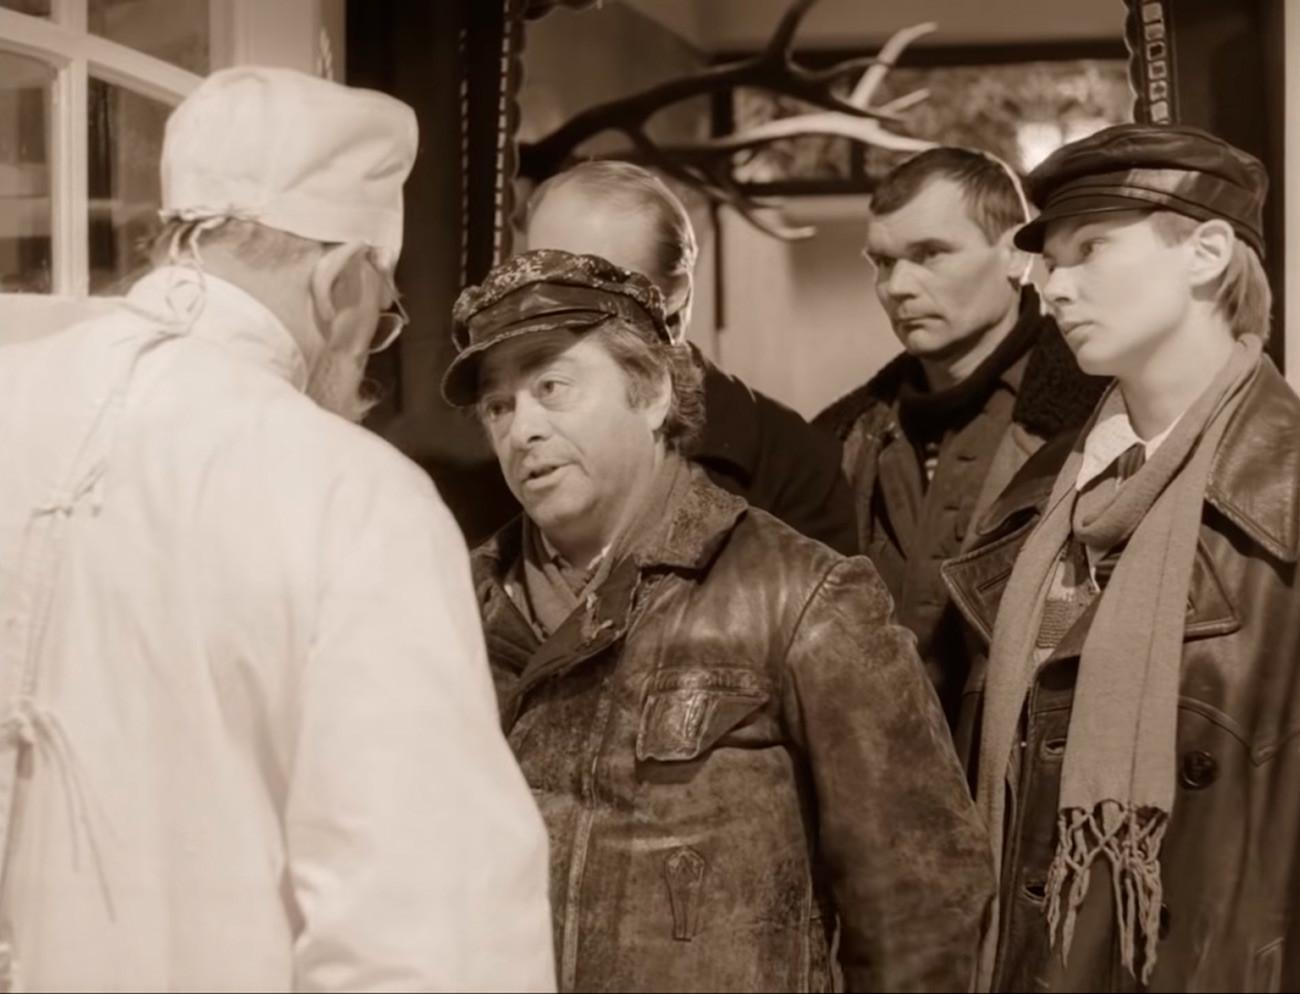 Scène du film Cœur de chien de Vladimir Bortko, d'après le roman du même nom de Mikhaïl Boulgakov. Des gérants de la maison tentent de s'approprier deux chambres dans l'appartement de sept chambres du professeur Preobrajenski.